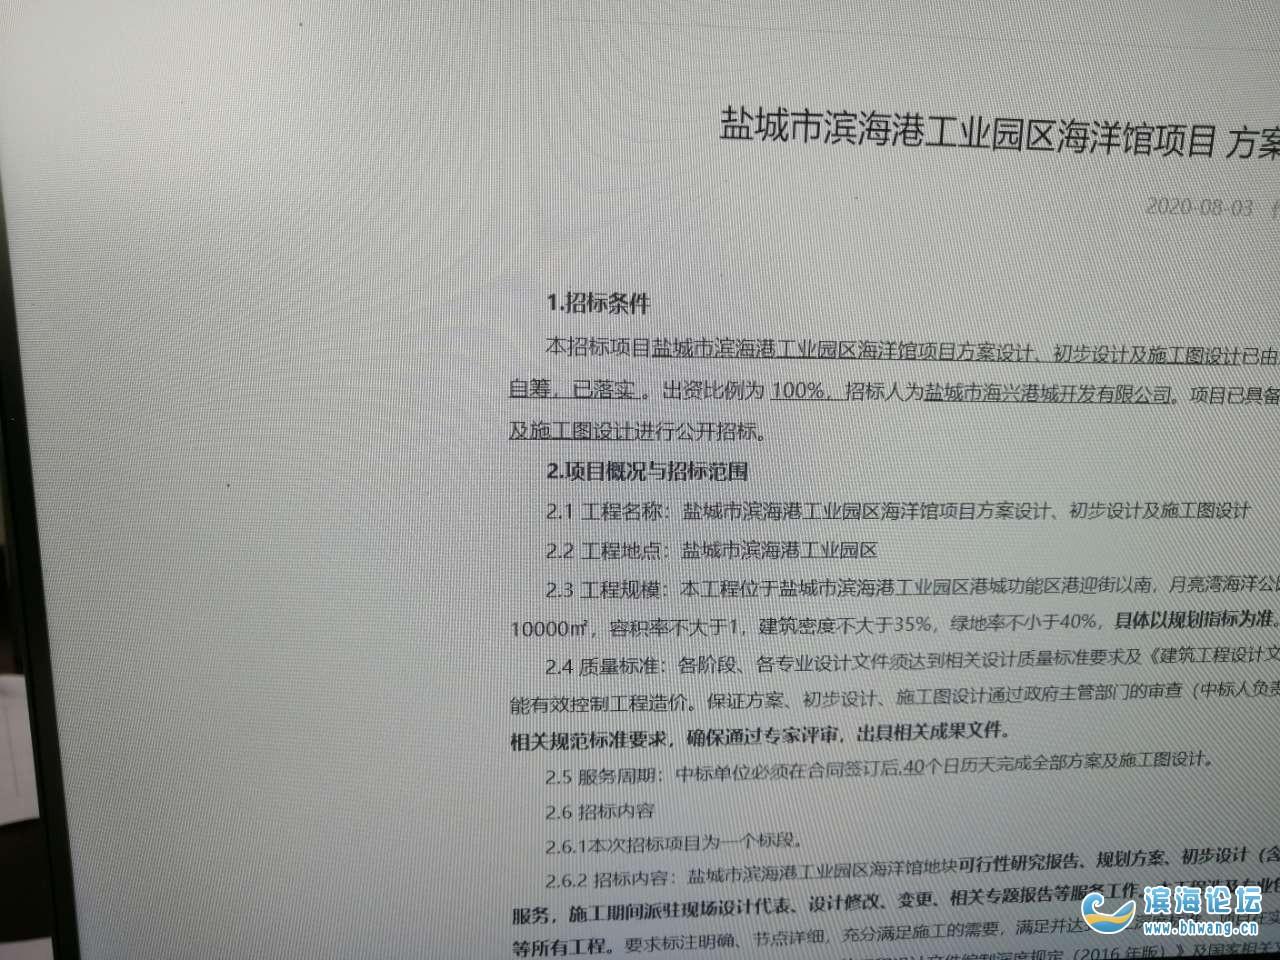 濱海港工業園區,月亮灣附近將建設海洋館了!!